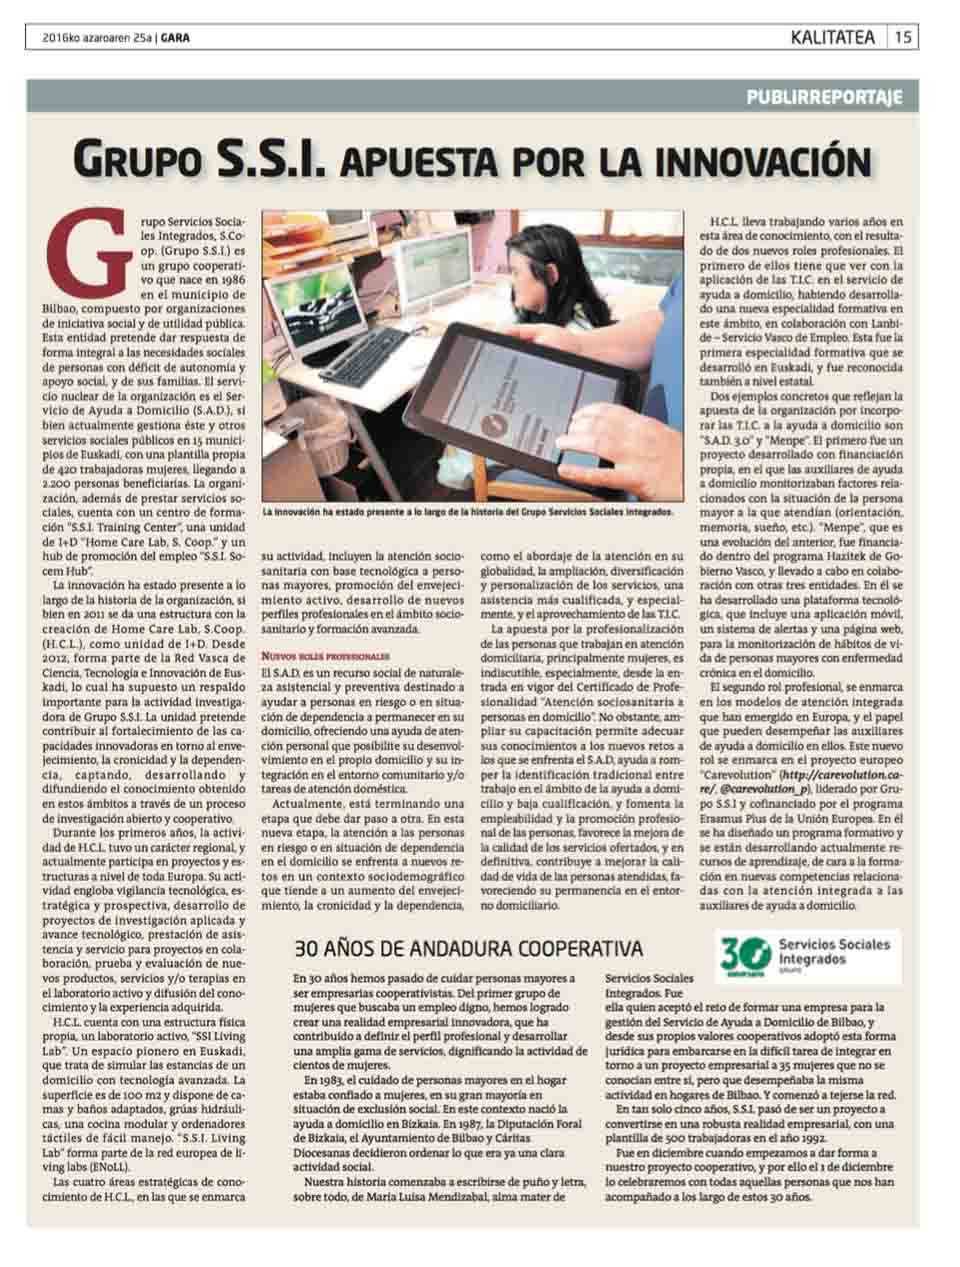 """""""Grupo SSI apuesta por la innovación. 30 años de andadura cooperativa"""", Periódico Gara"""